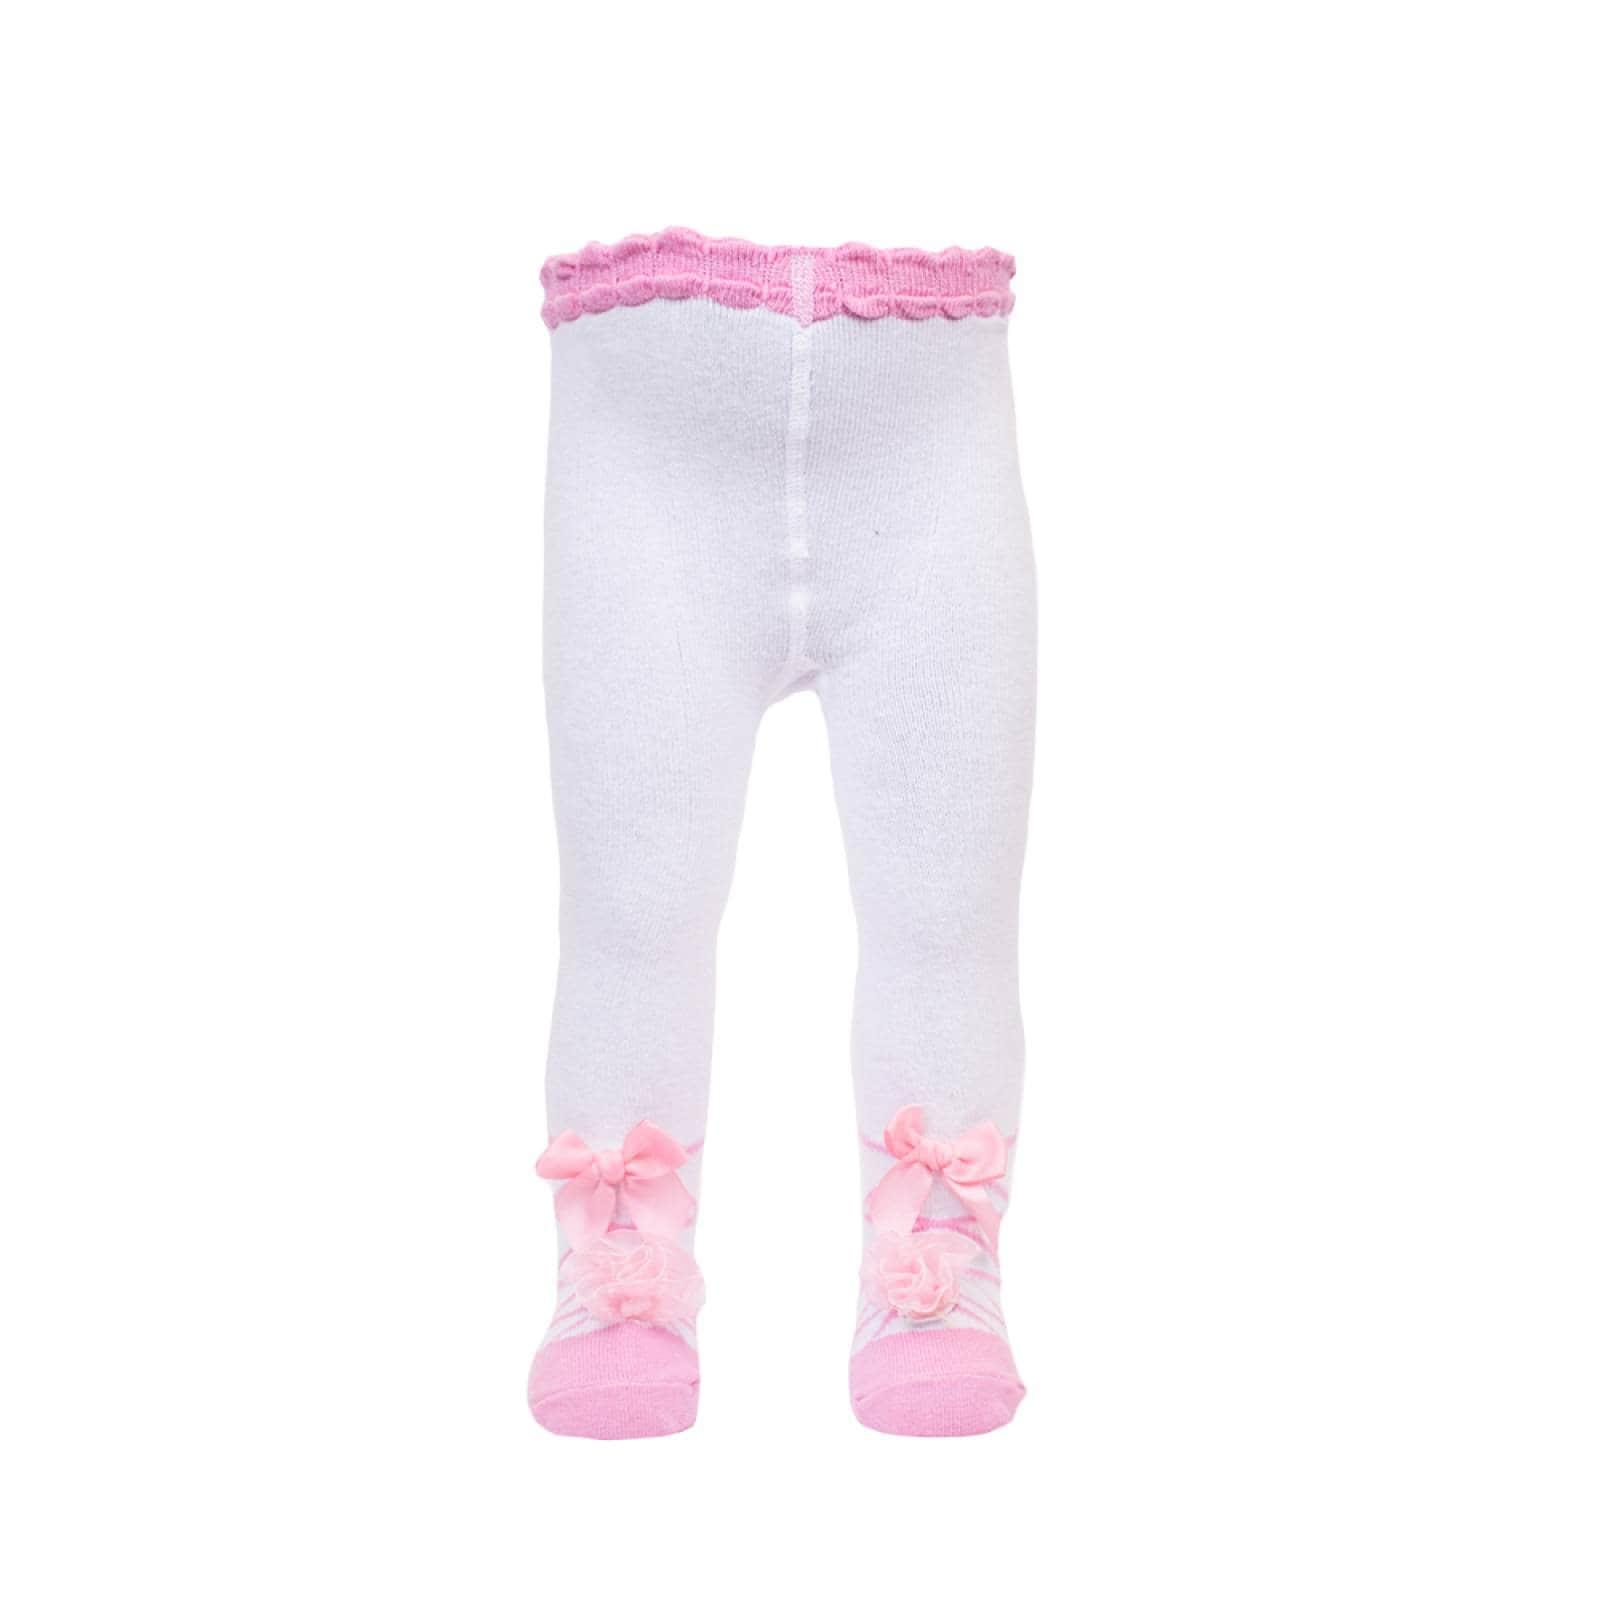 Malla Puntos Colores Aplicación Confeti algodón 9-18 Meses Baby room